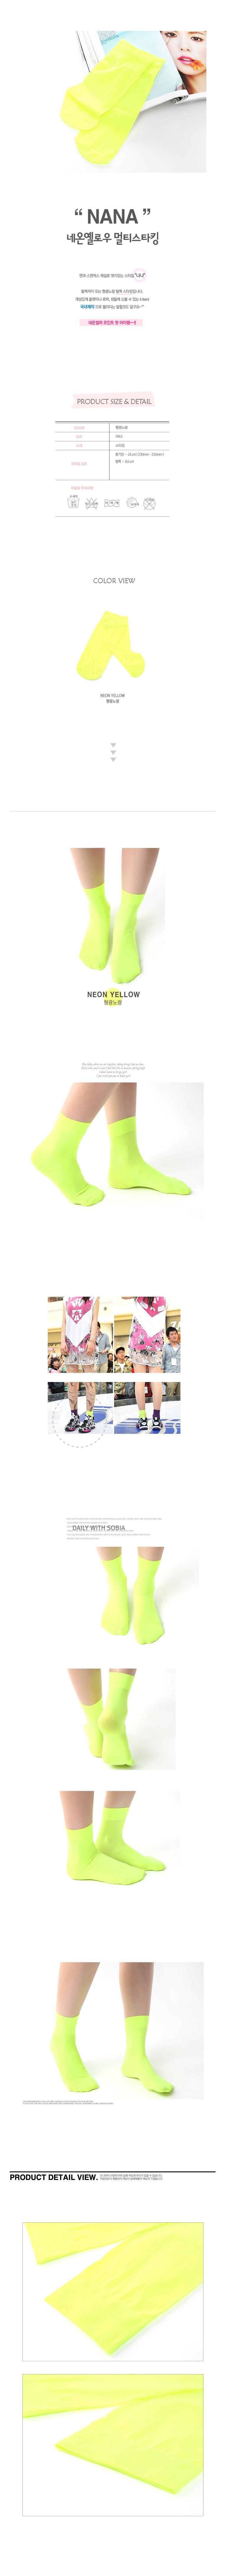 나나-발목 스타킹 - 케이싹, 1,000원, 스타킹, 스타킹